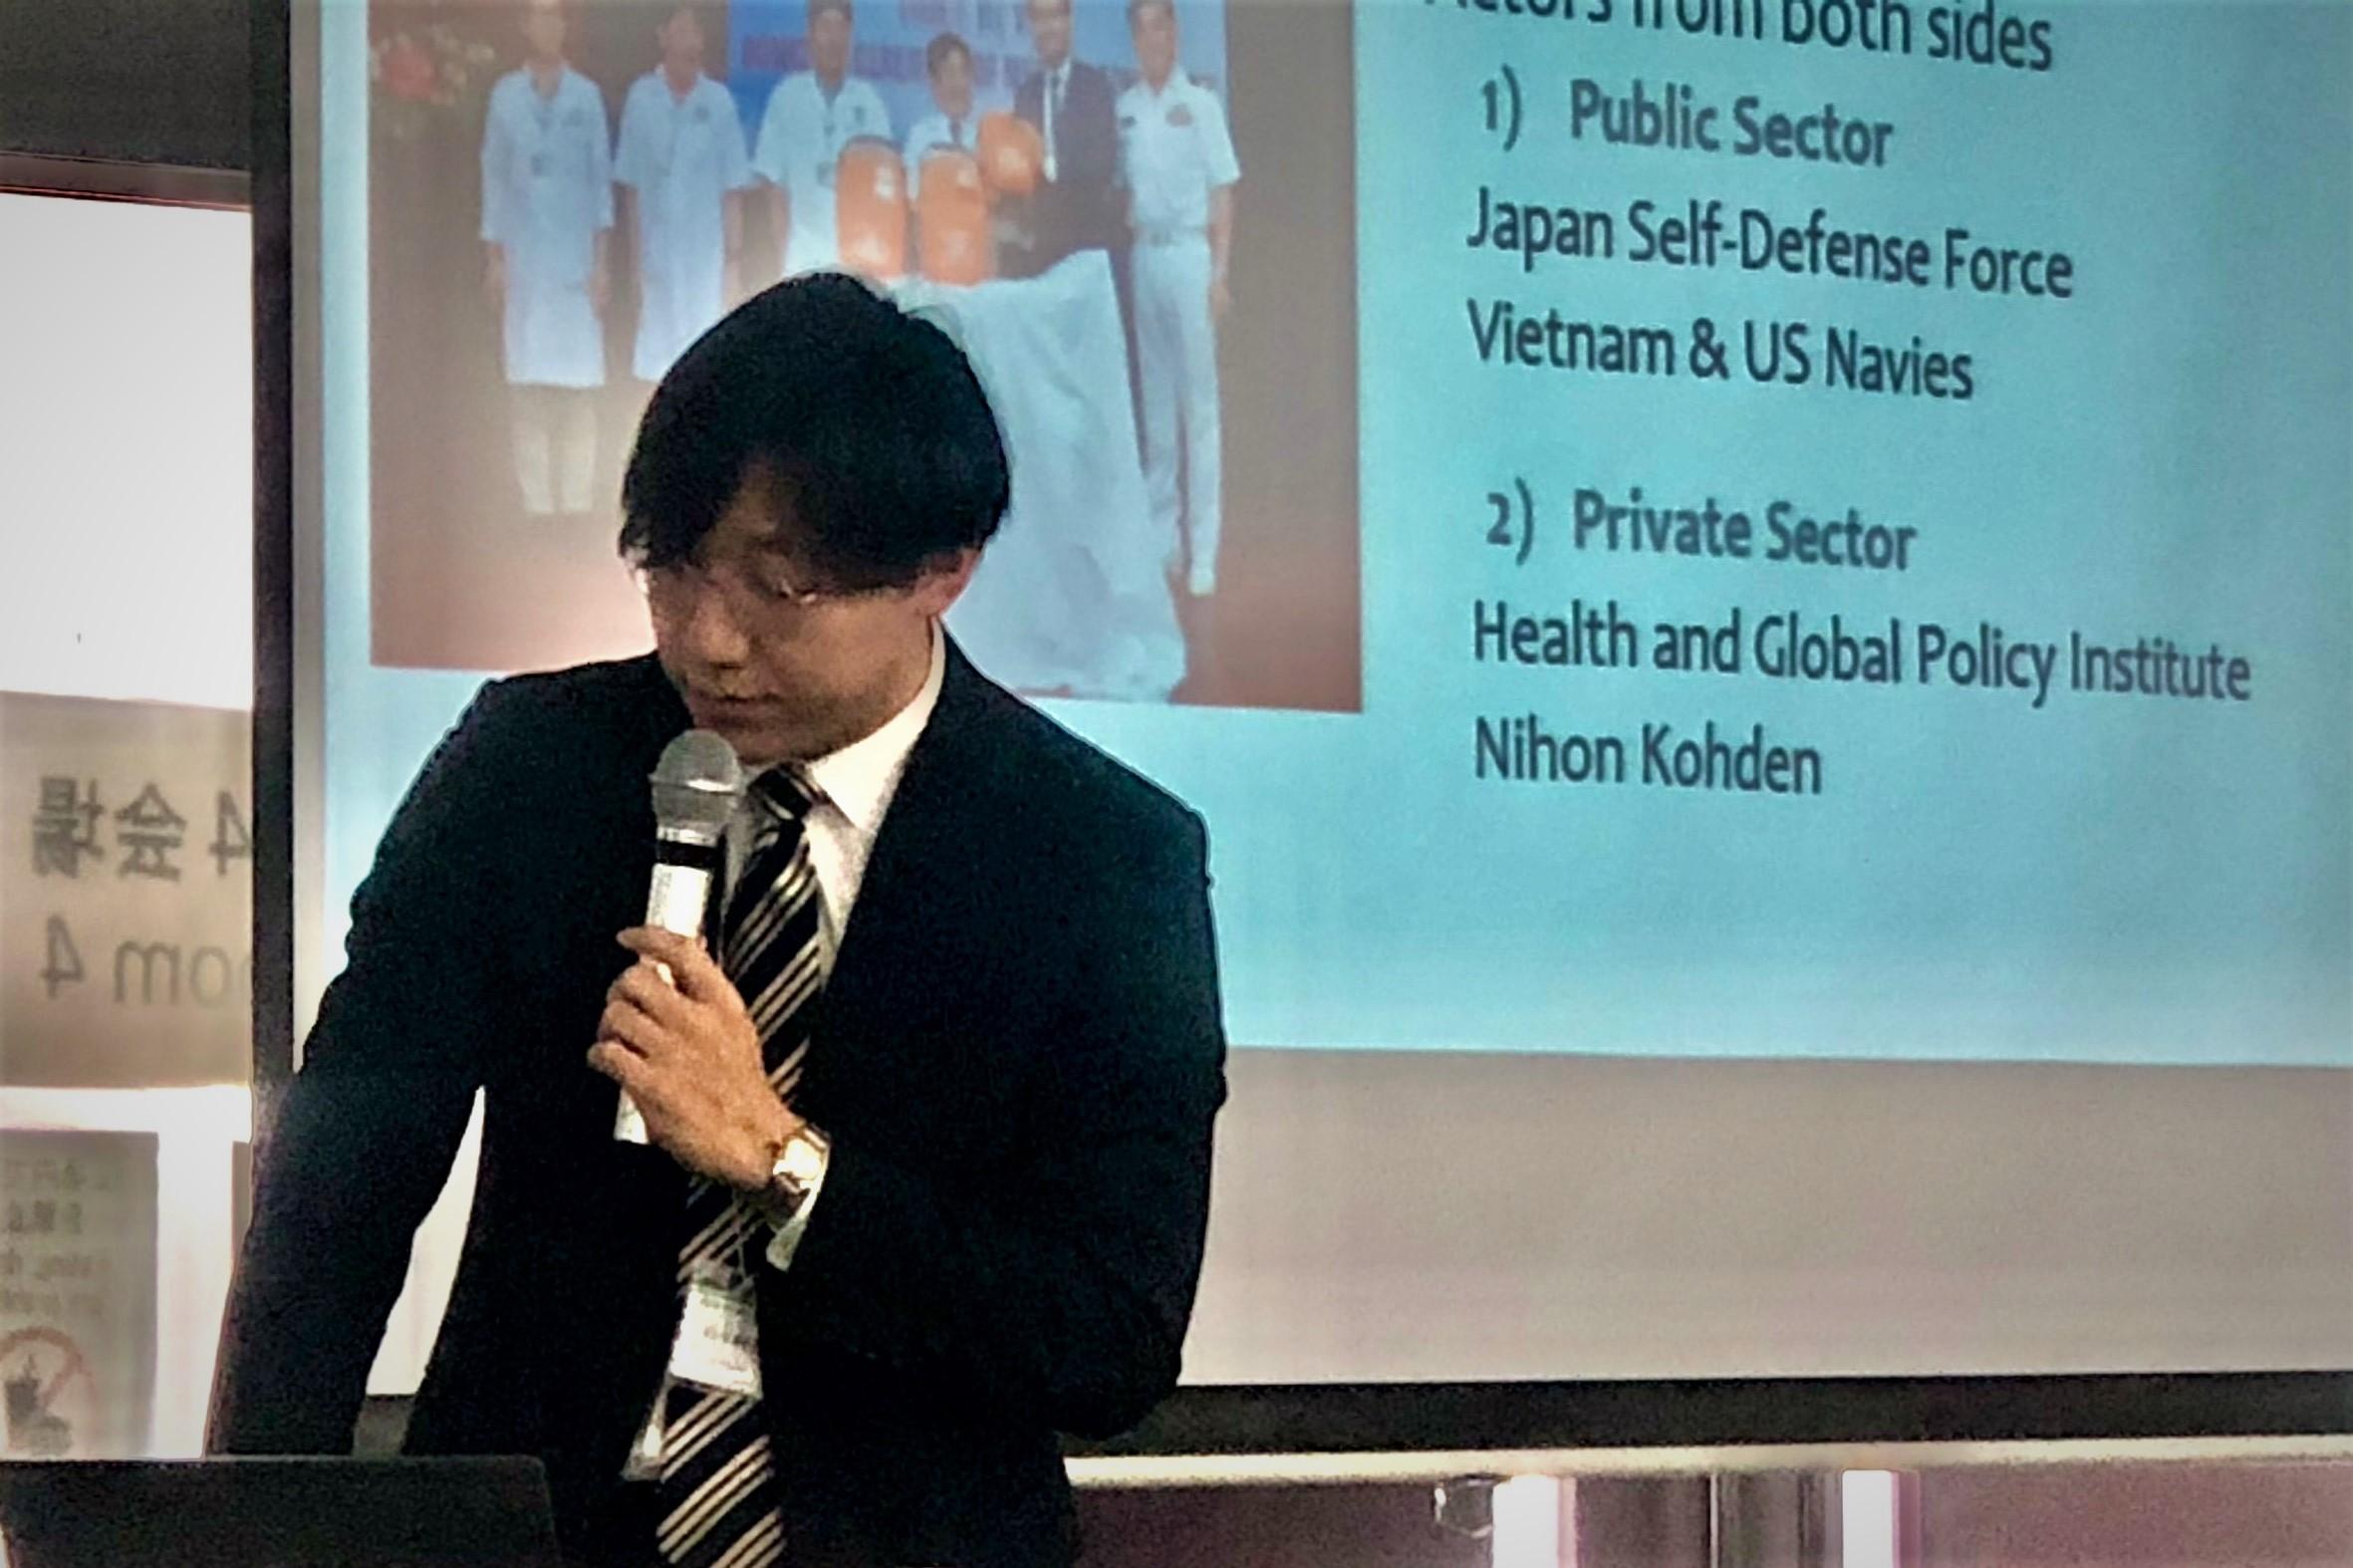 【学会発表】第34回日本国際保健医療学会学術大会 (2019年12月8日、三重県津市)